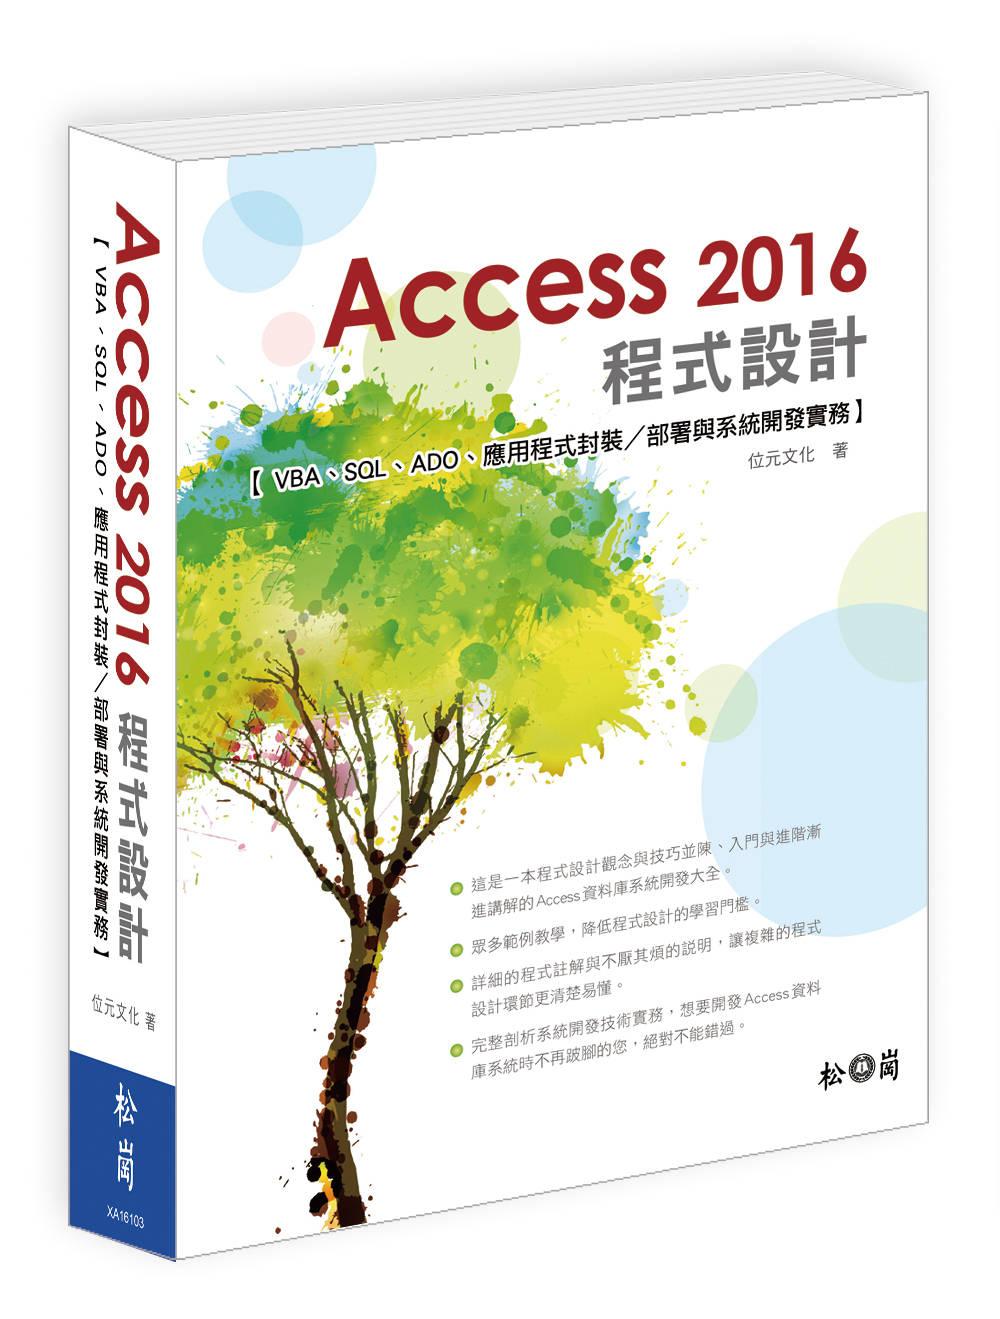 ◤博客來BOOKS◢ 暢銷書榜《推薦》Access 2016程式設計:VBA、SQL、ADO應用程式封裝/部署與系統開發實務